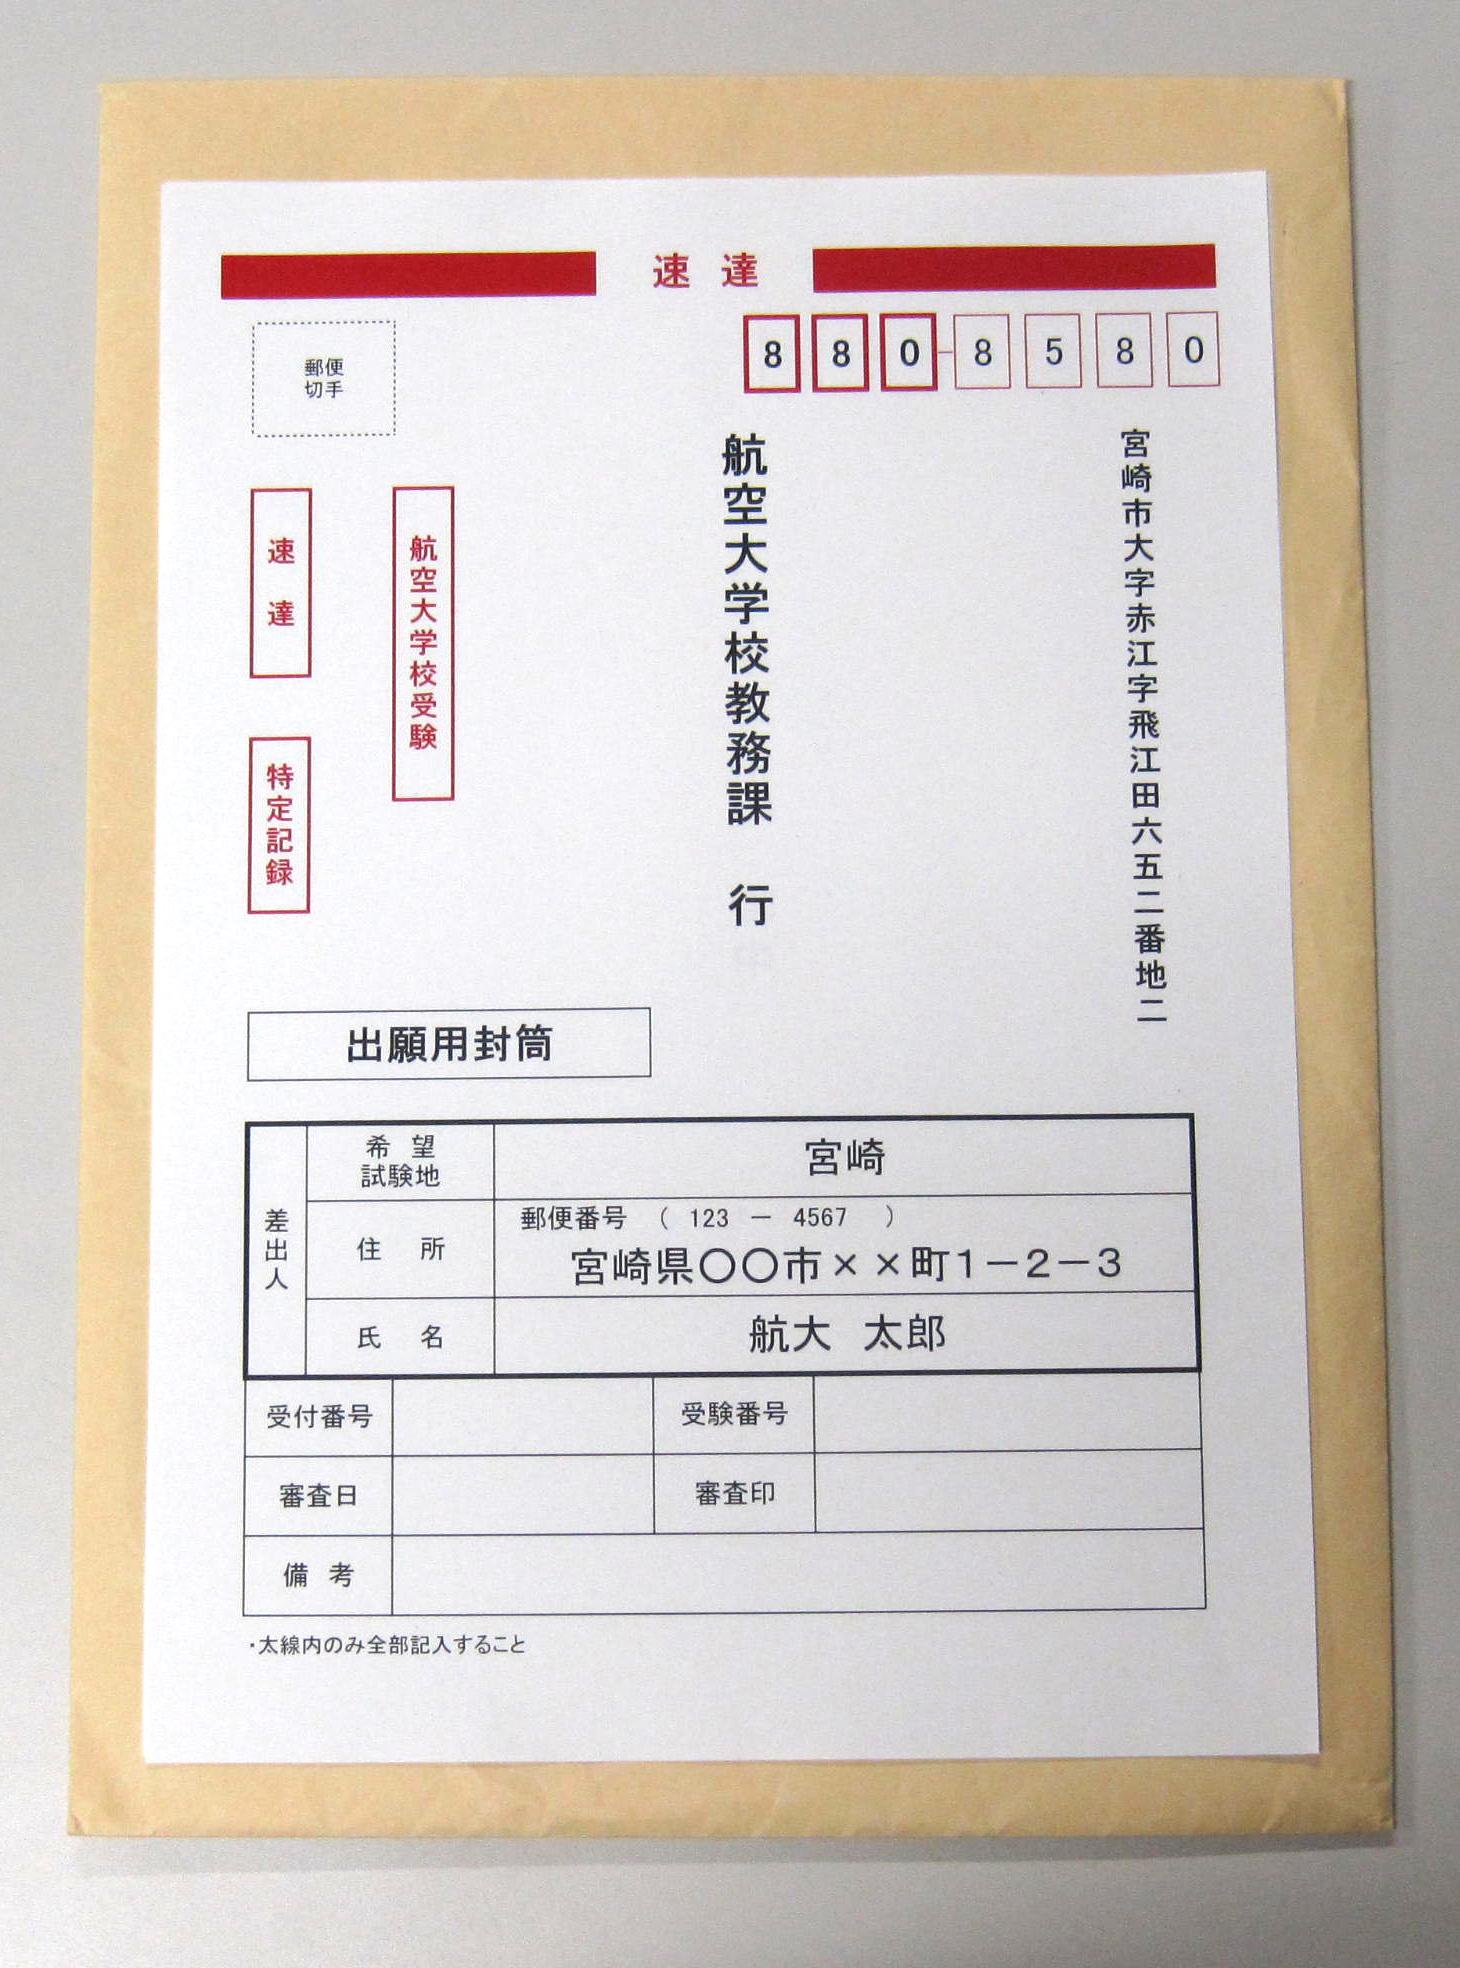 履歴書・自己紹介書ダウンロード | 関西学院大学 キャリアセンター